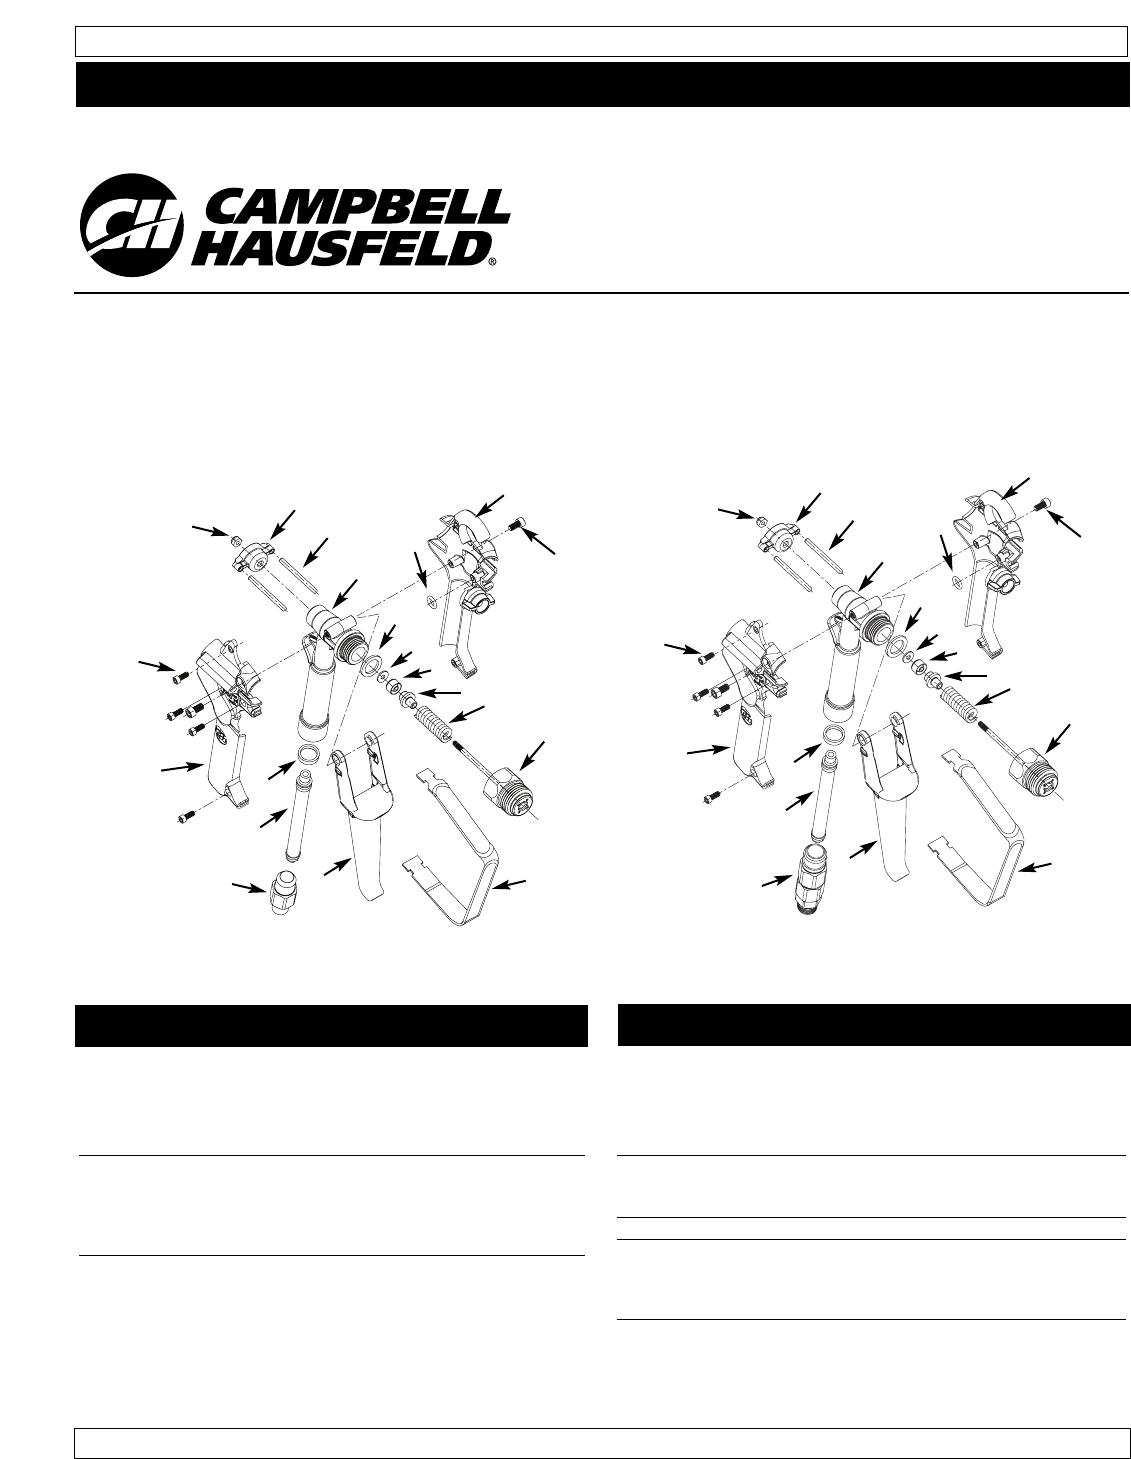 campbell hausfeld paint sprayer al1860 metal user guide